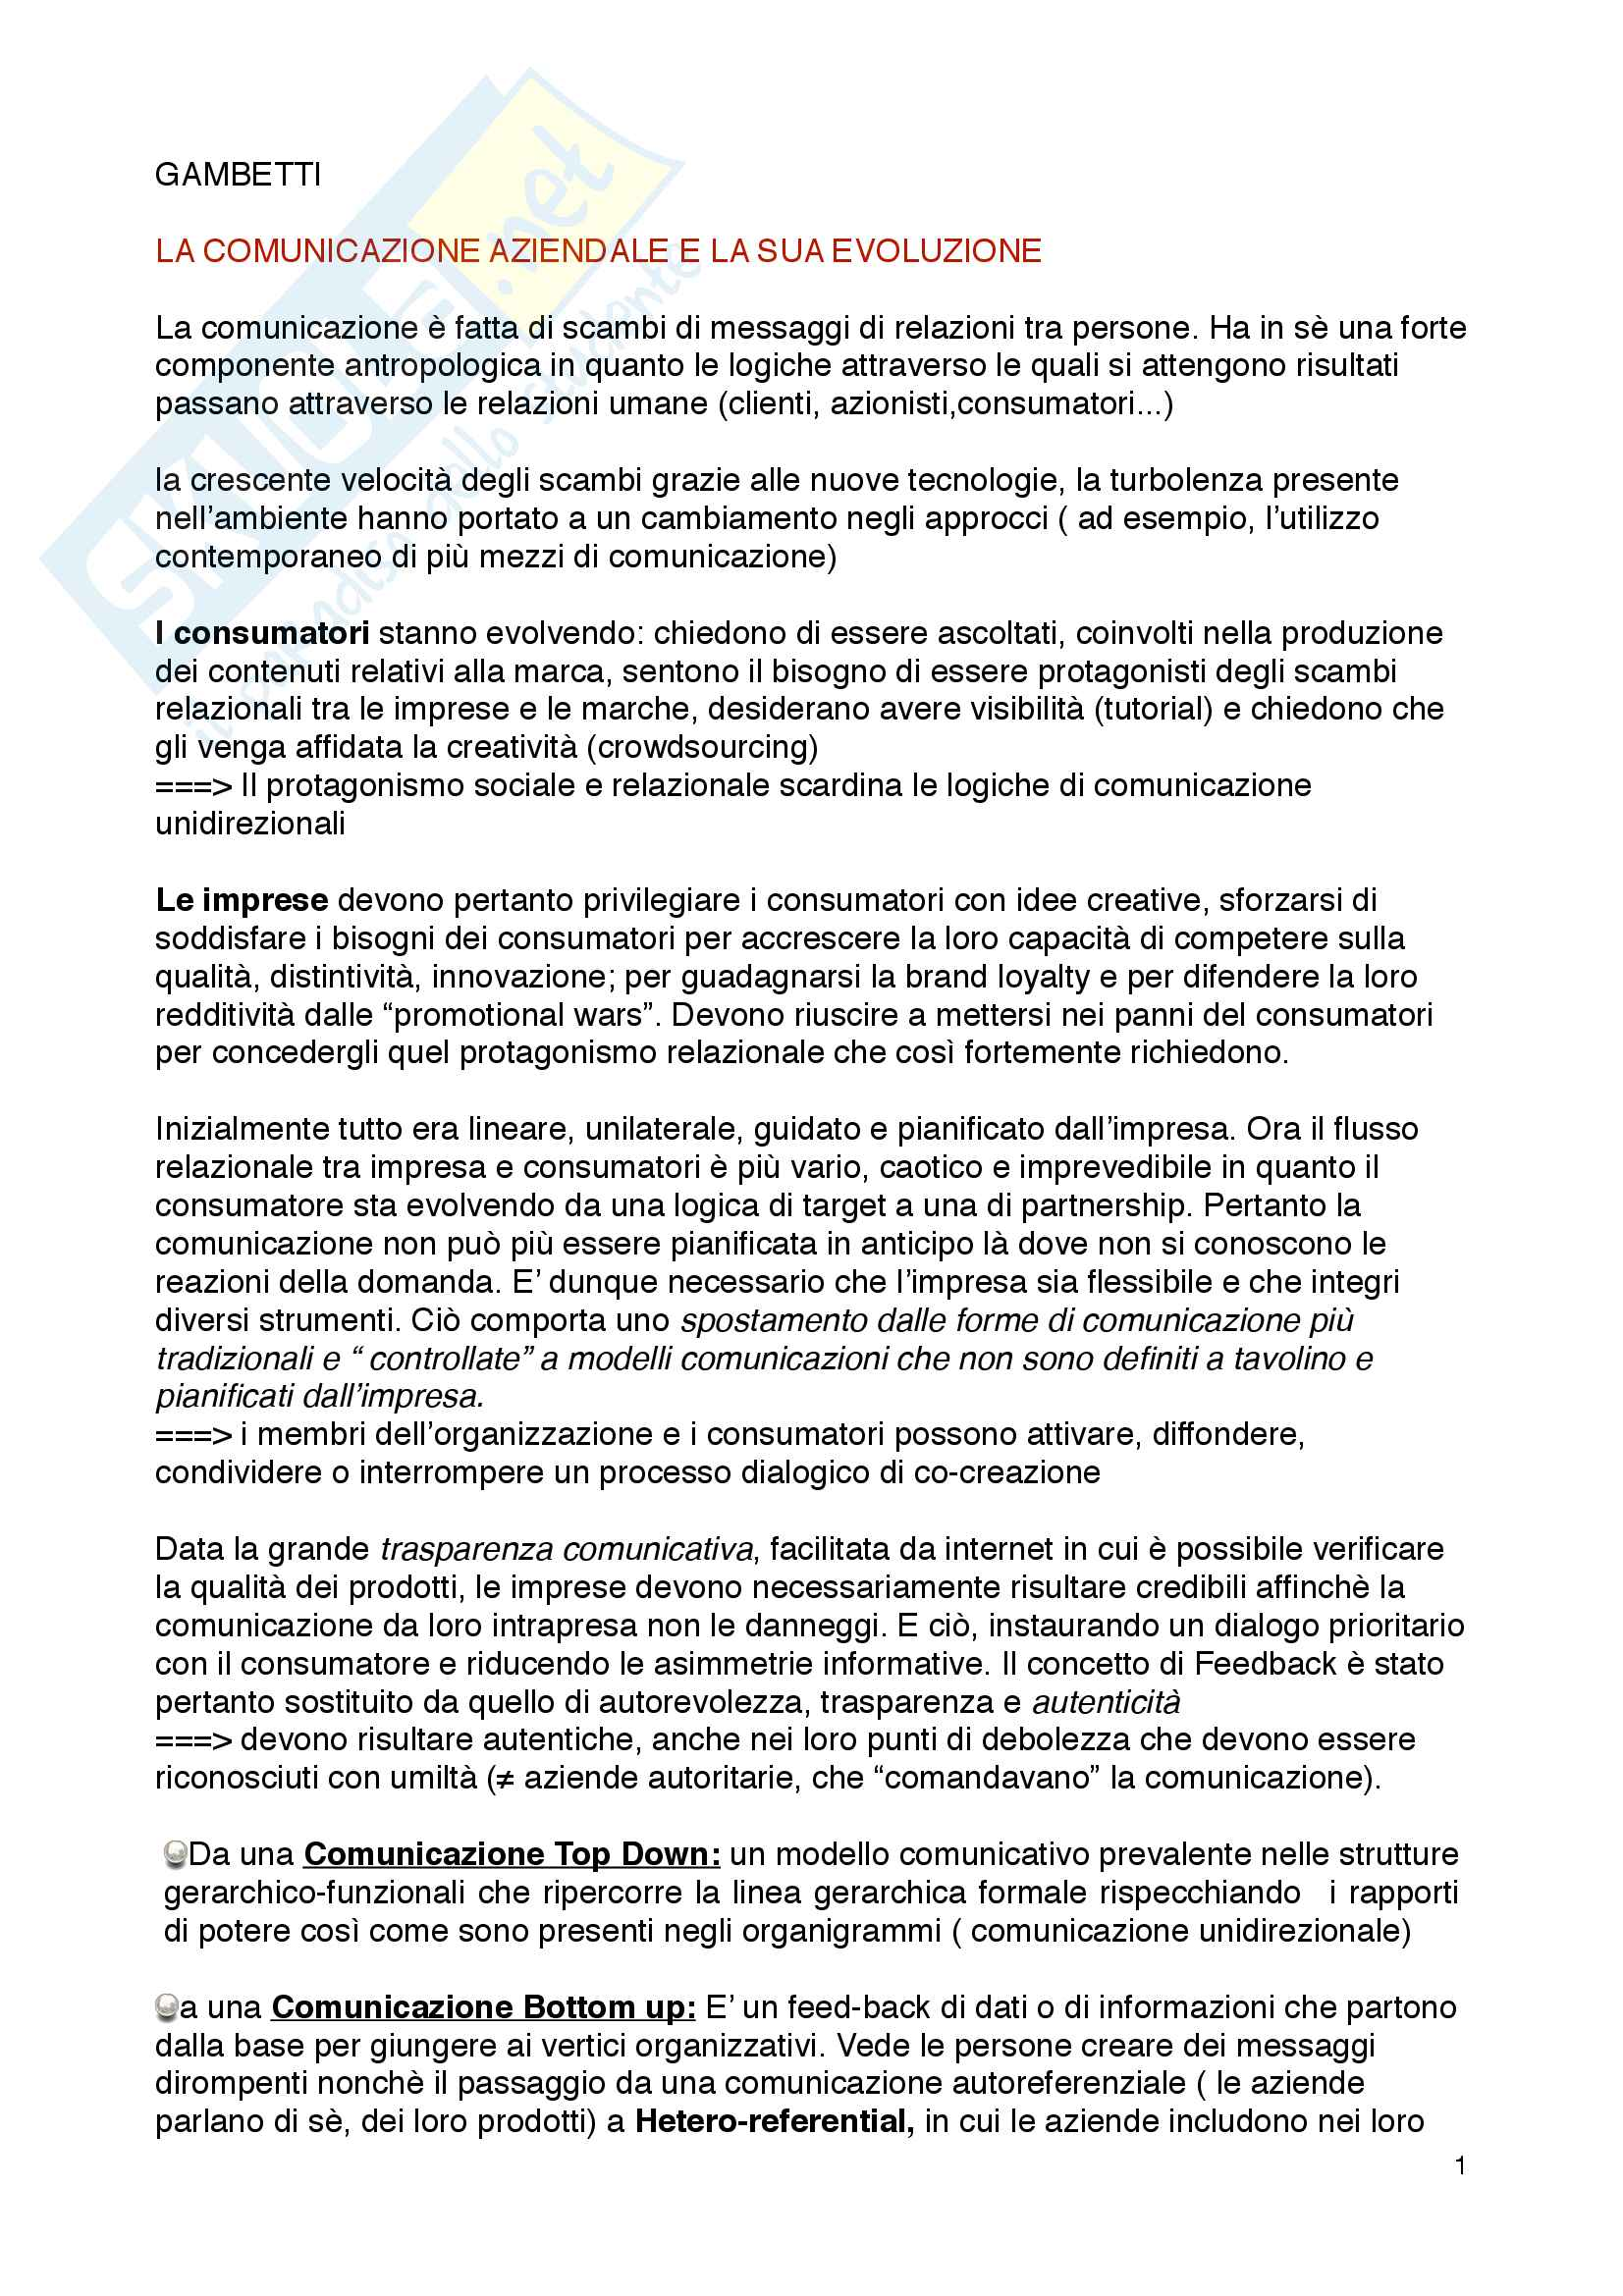 Economia e tecnica della Comunicazione aziendale: appunti del corso